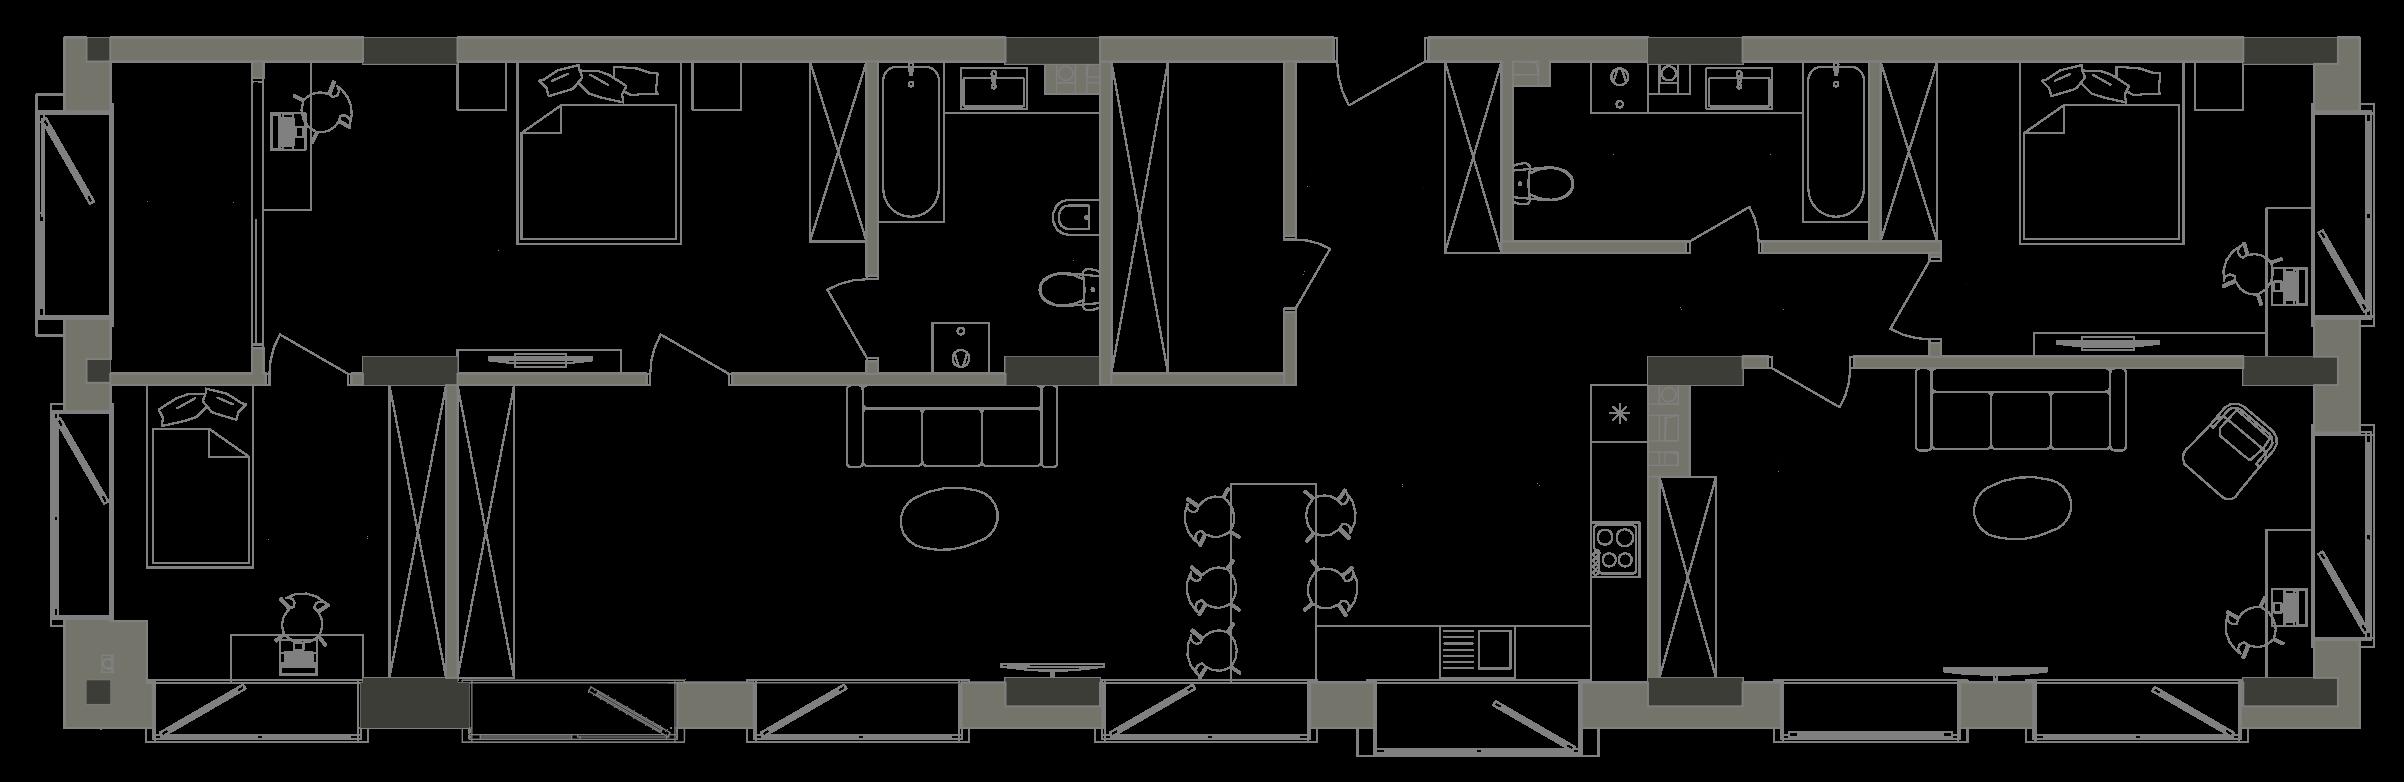 Квартира KV_54_4G_1_1_2